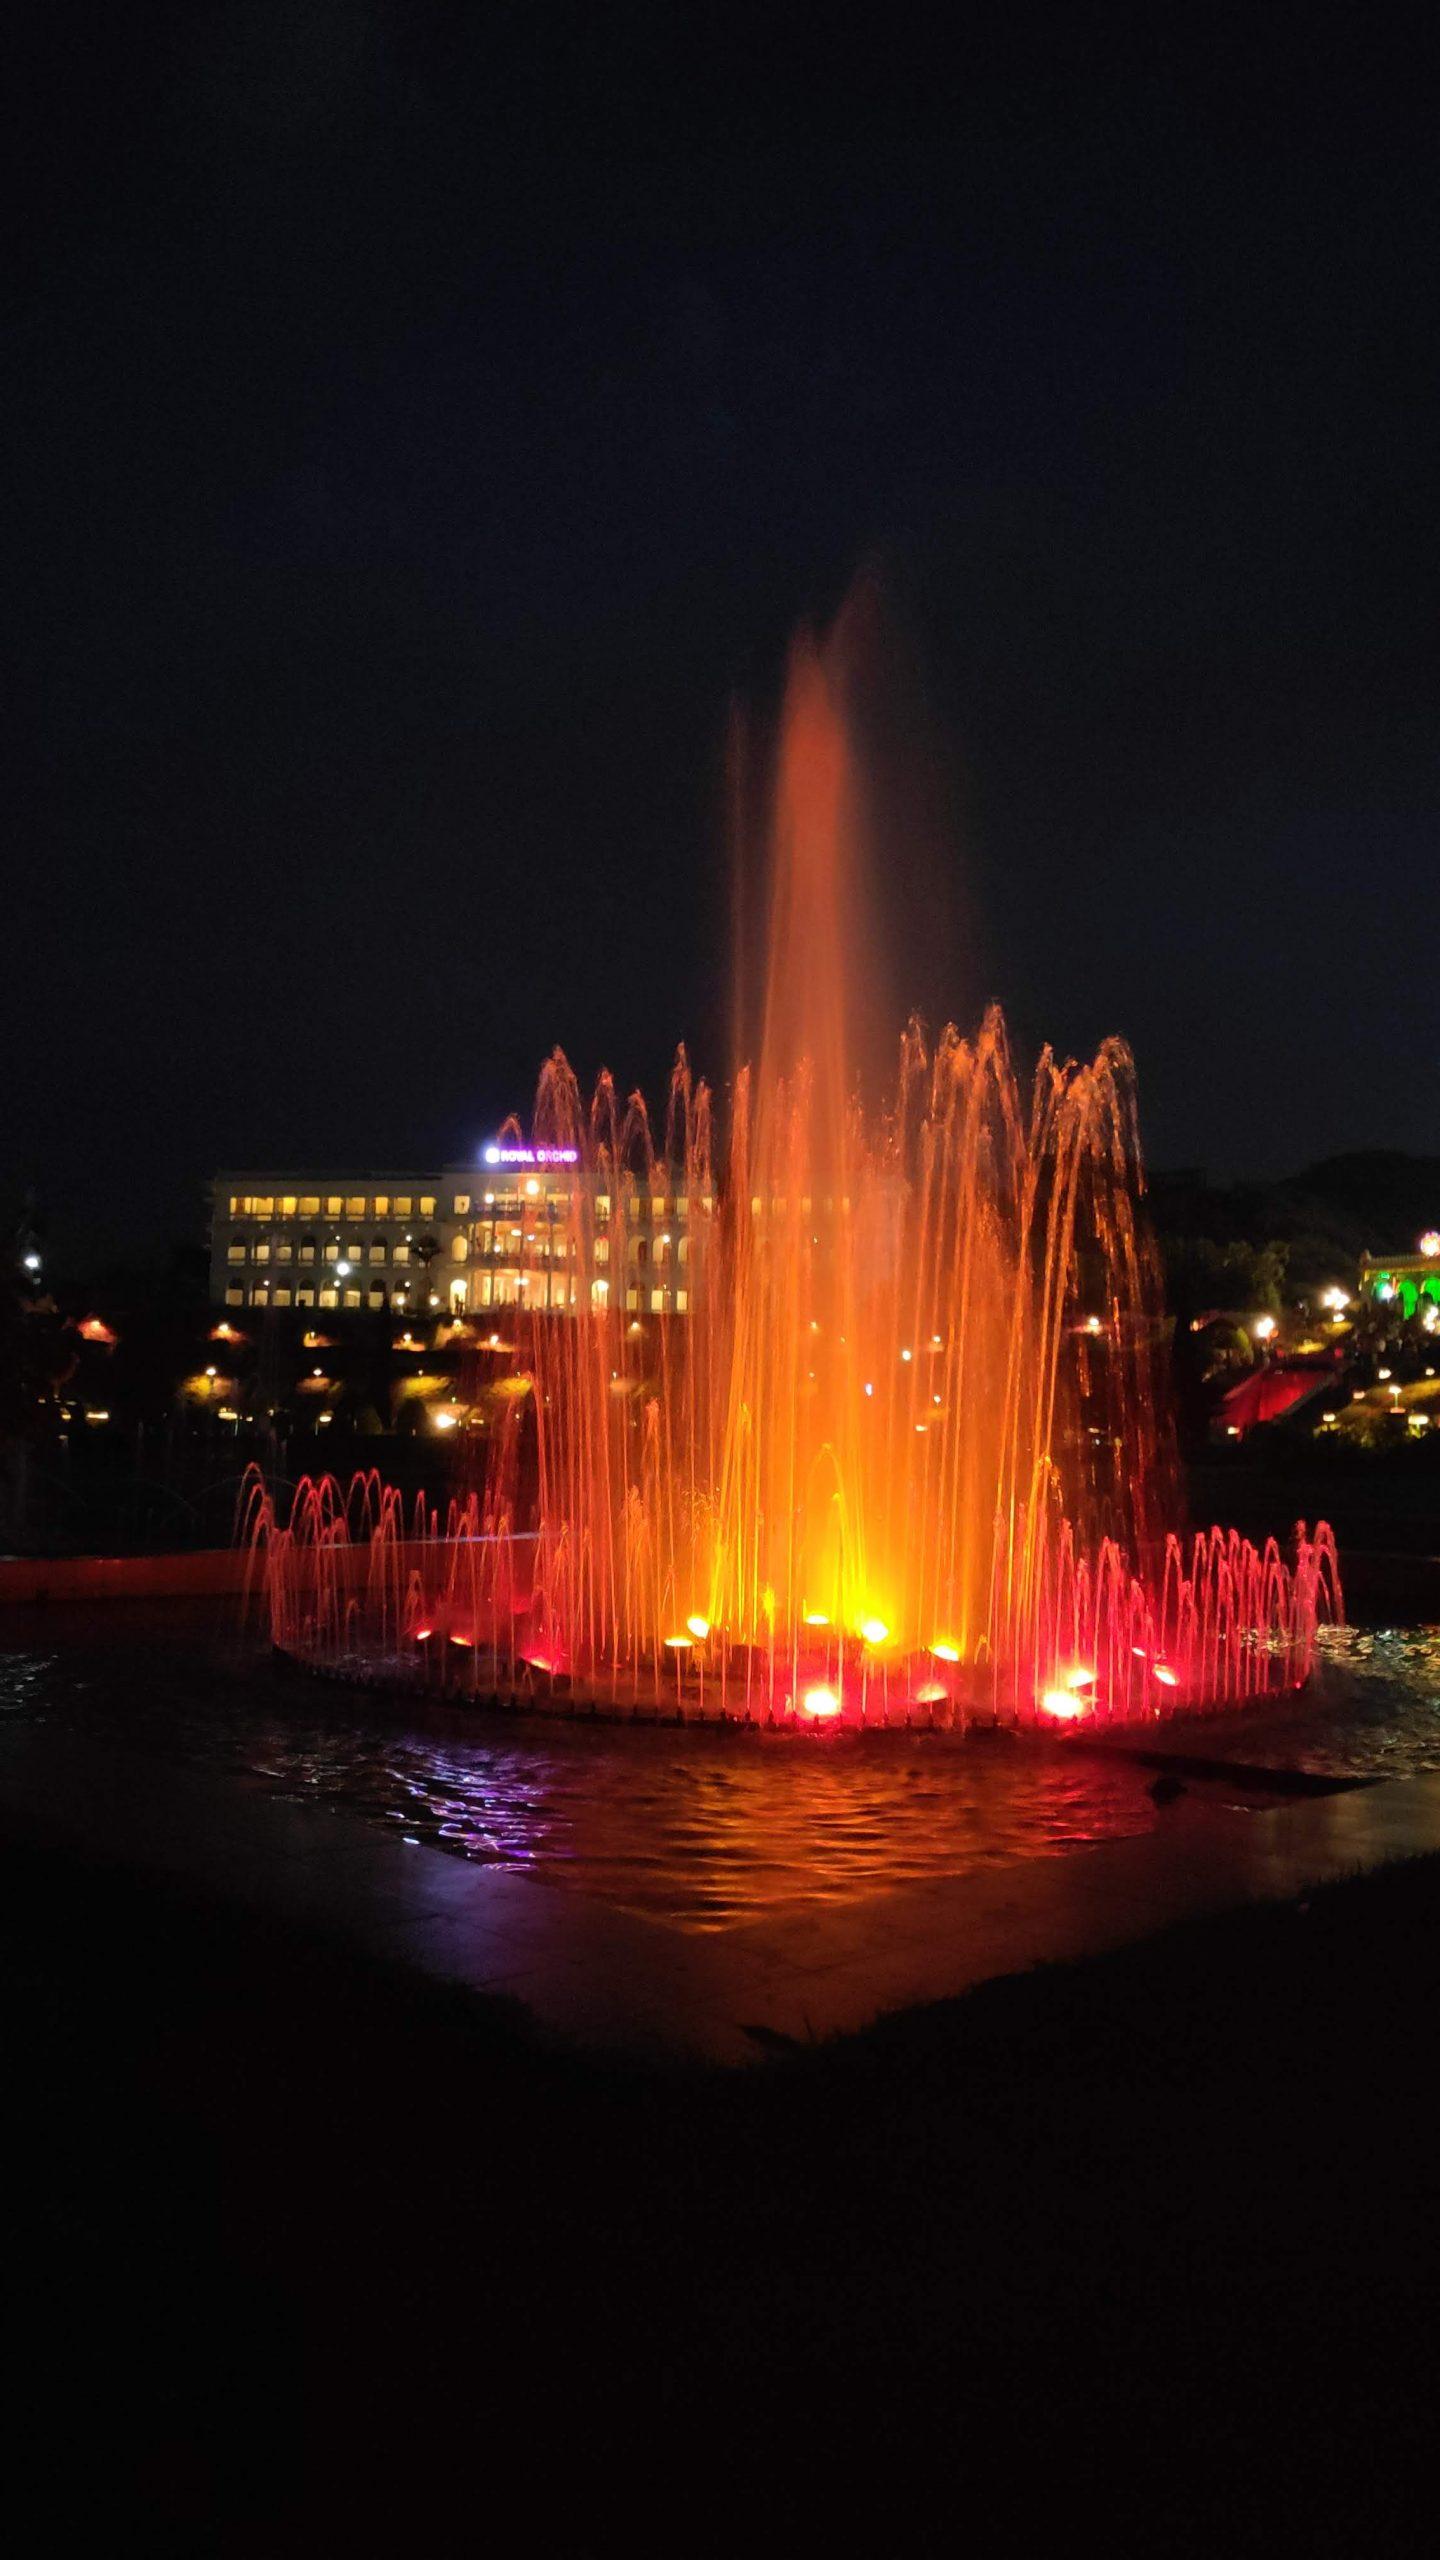 colorful fountain in a garden